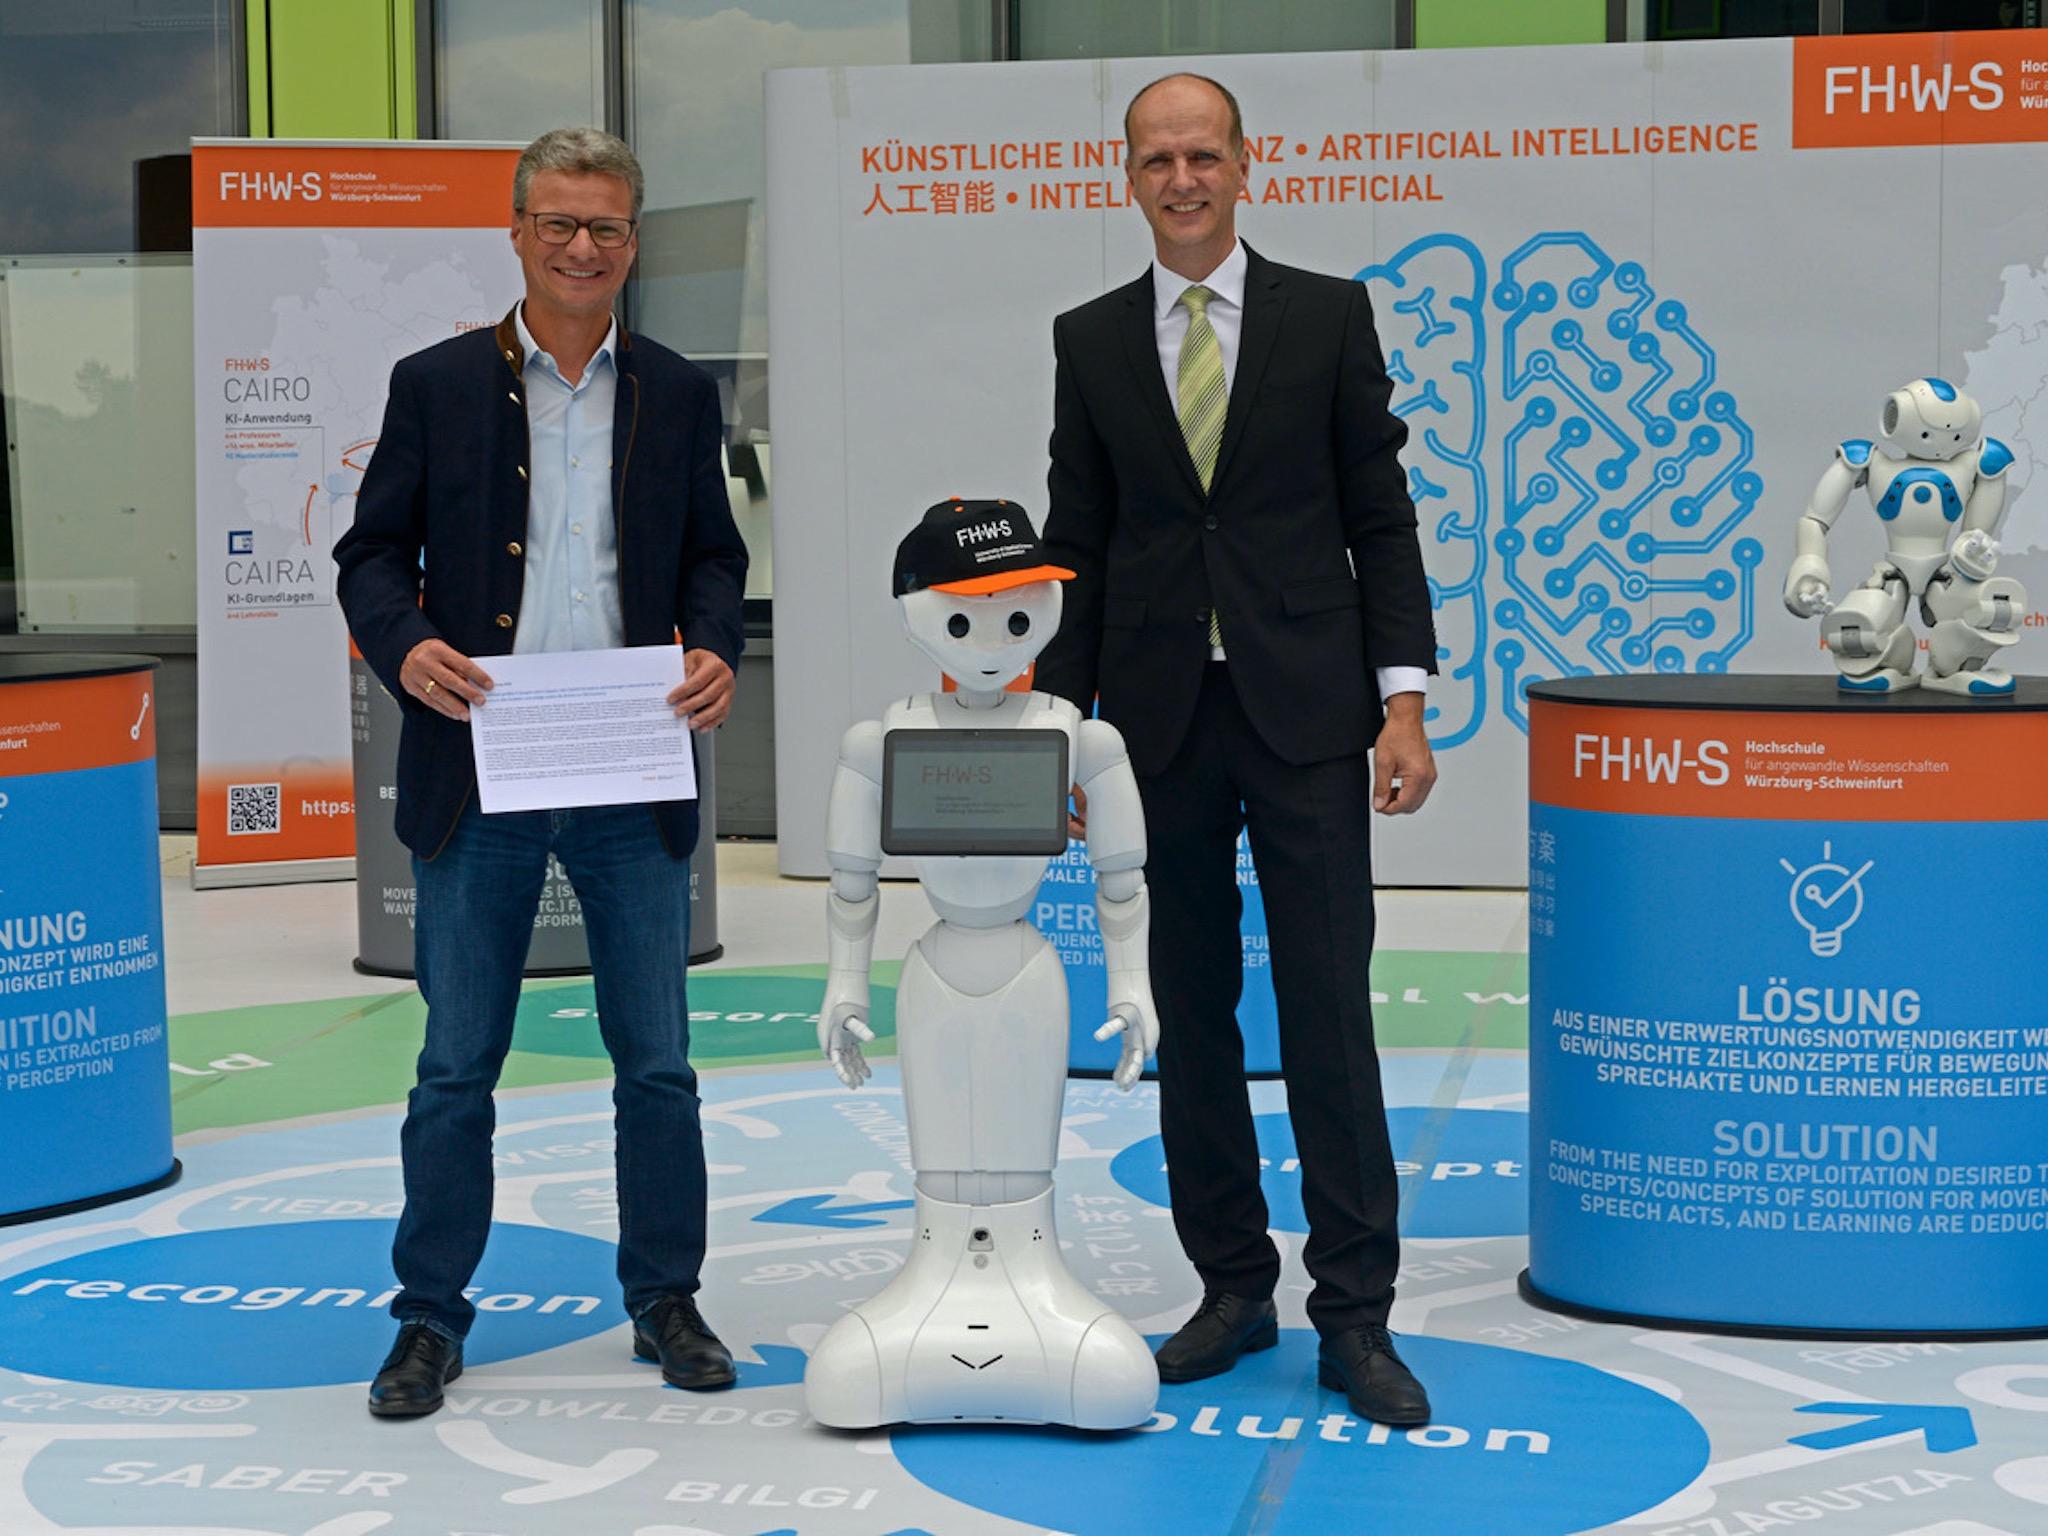 Prof. Dr. Robert Grebner, Präsident der FHWS, führt Staatsminister Bernd Sibler durch das begehbare Gehirn der FHWS. Bild: FHWS Würzburg-Schweinfurt.